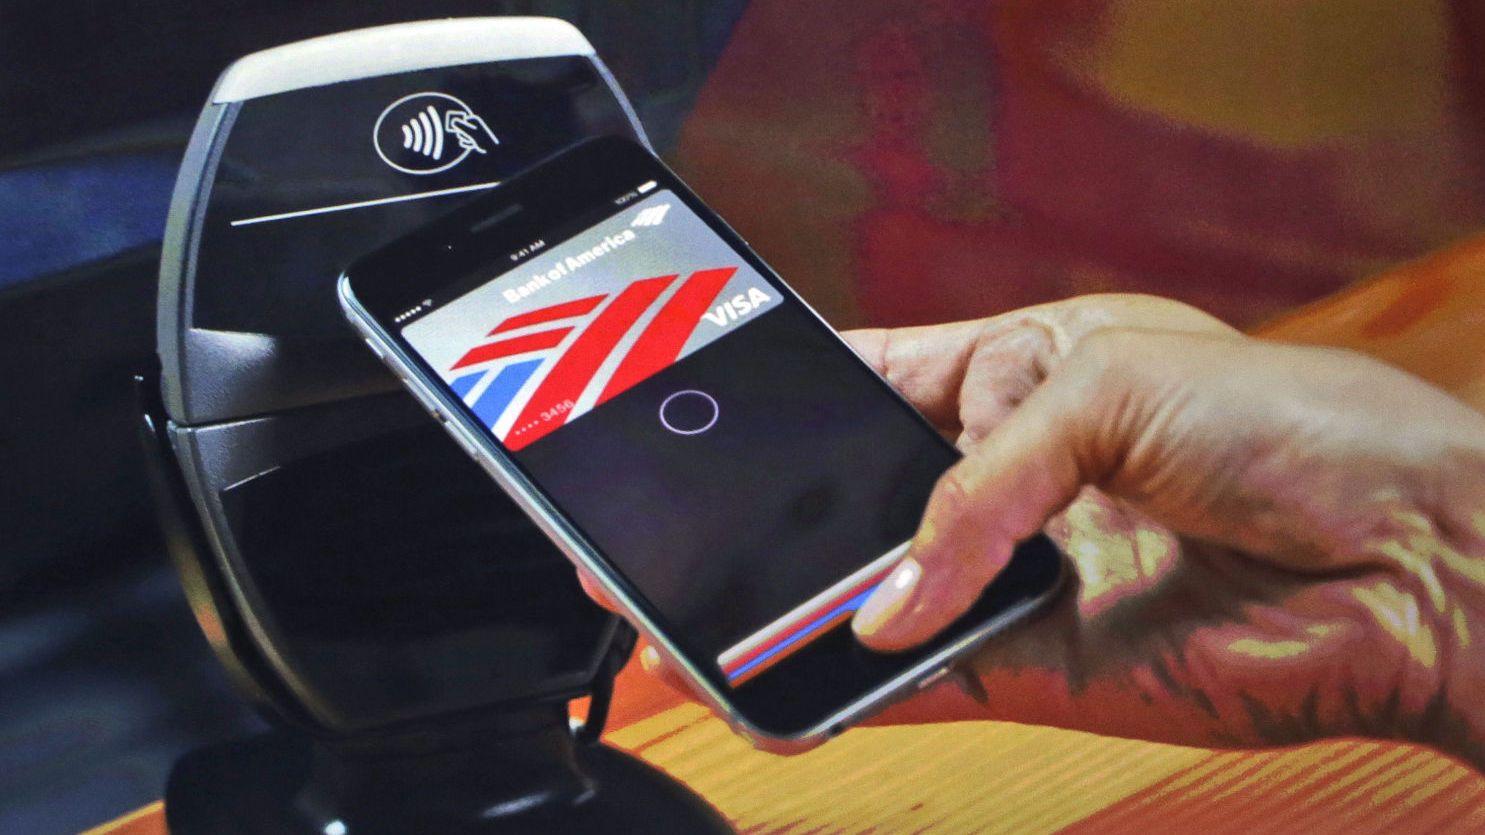 FREMTIDENS MÅTE Å BETALE PÅ: - 2015 er året for mobile betalingsløsninger, mener Jens Nes, landsjef i Visa Norge.